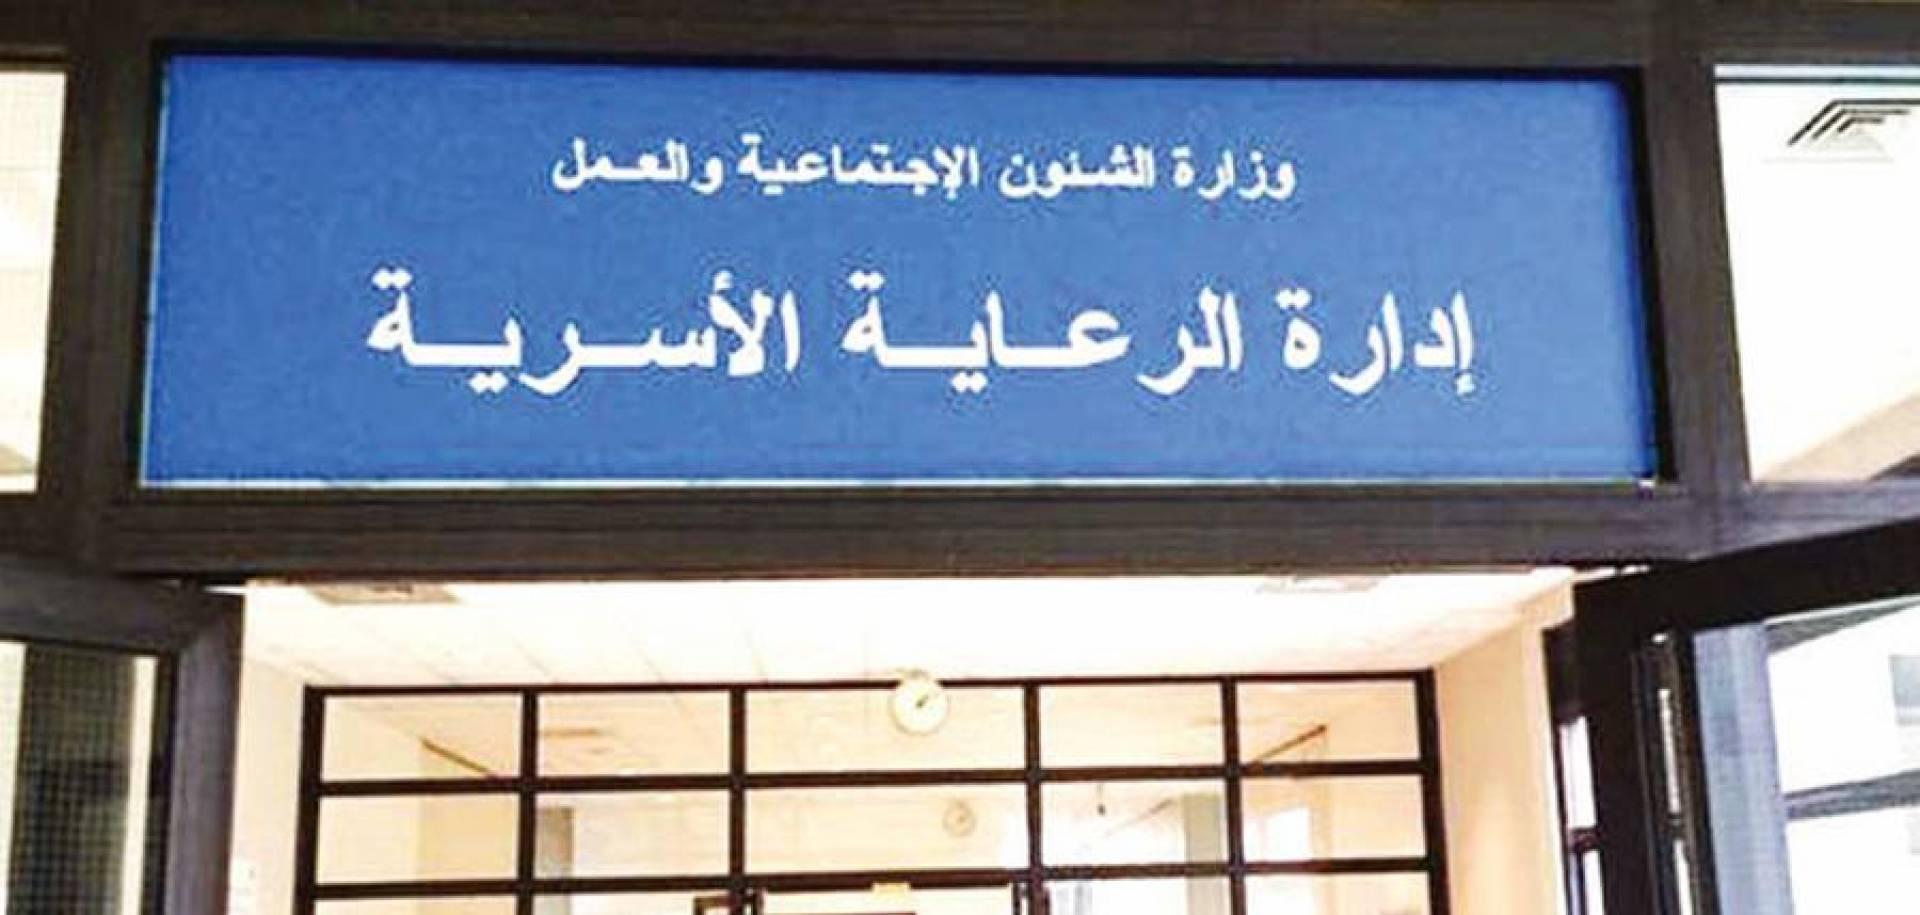 وزارة الشؤون: اكتشاف حالة كورونا في وحدة الرعاية الاسرية باشبيلية